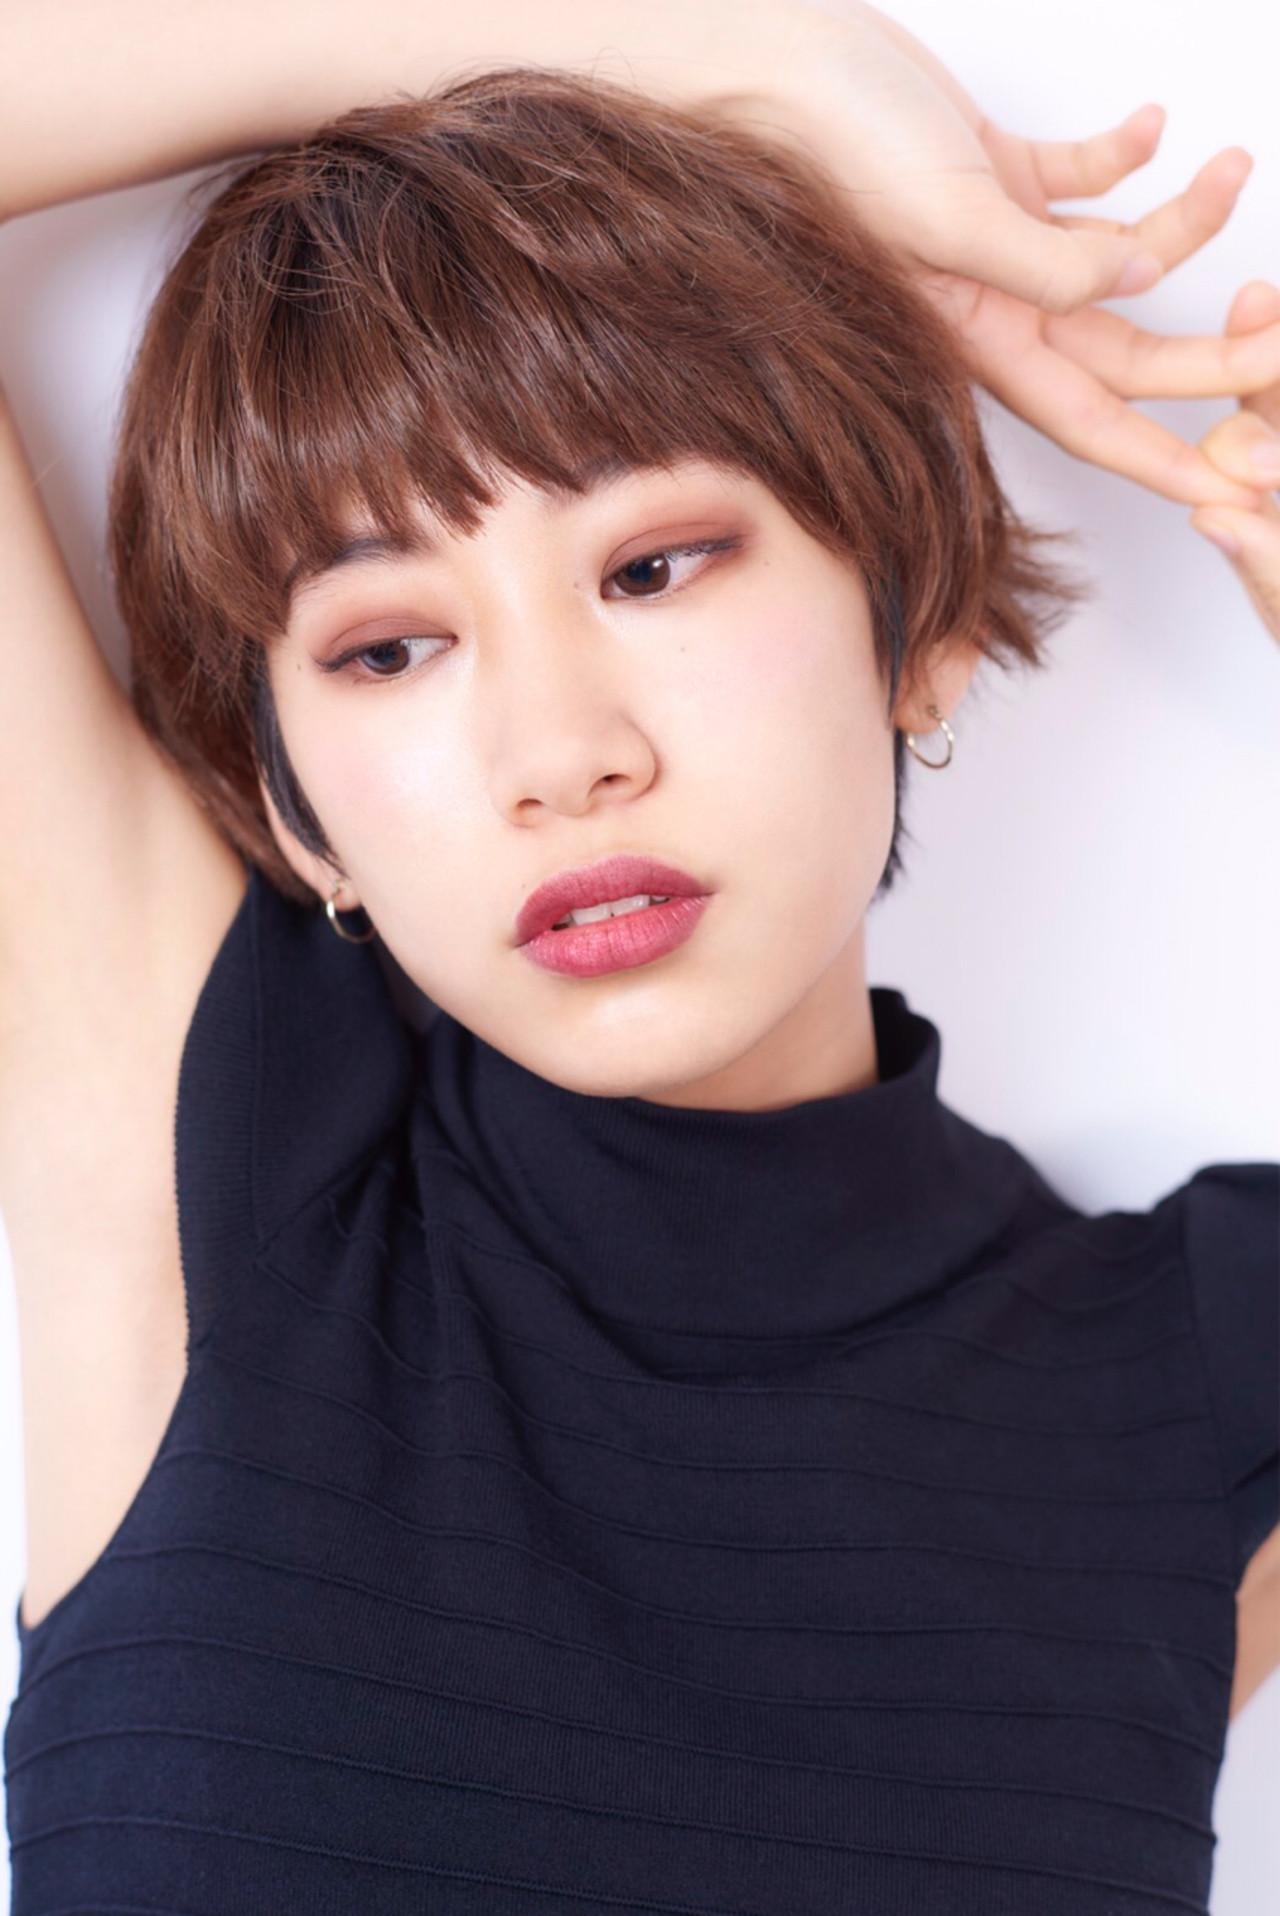 似合わせ ナチュラル 小顔 ヘアアレンジ ヘアスタイルや髪型の写真・画像 | Karin /